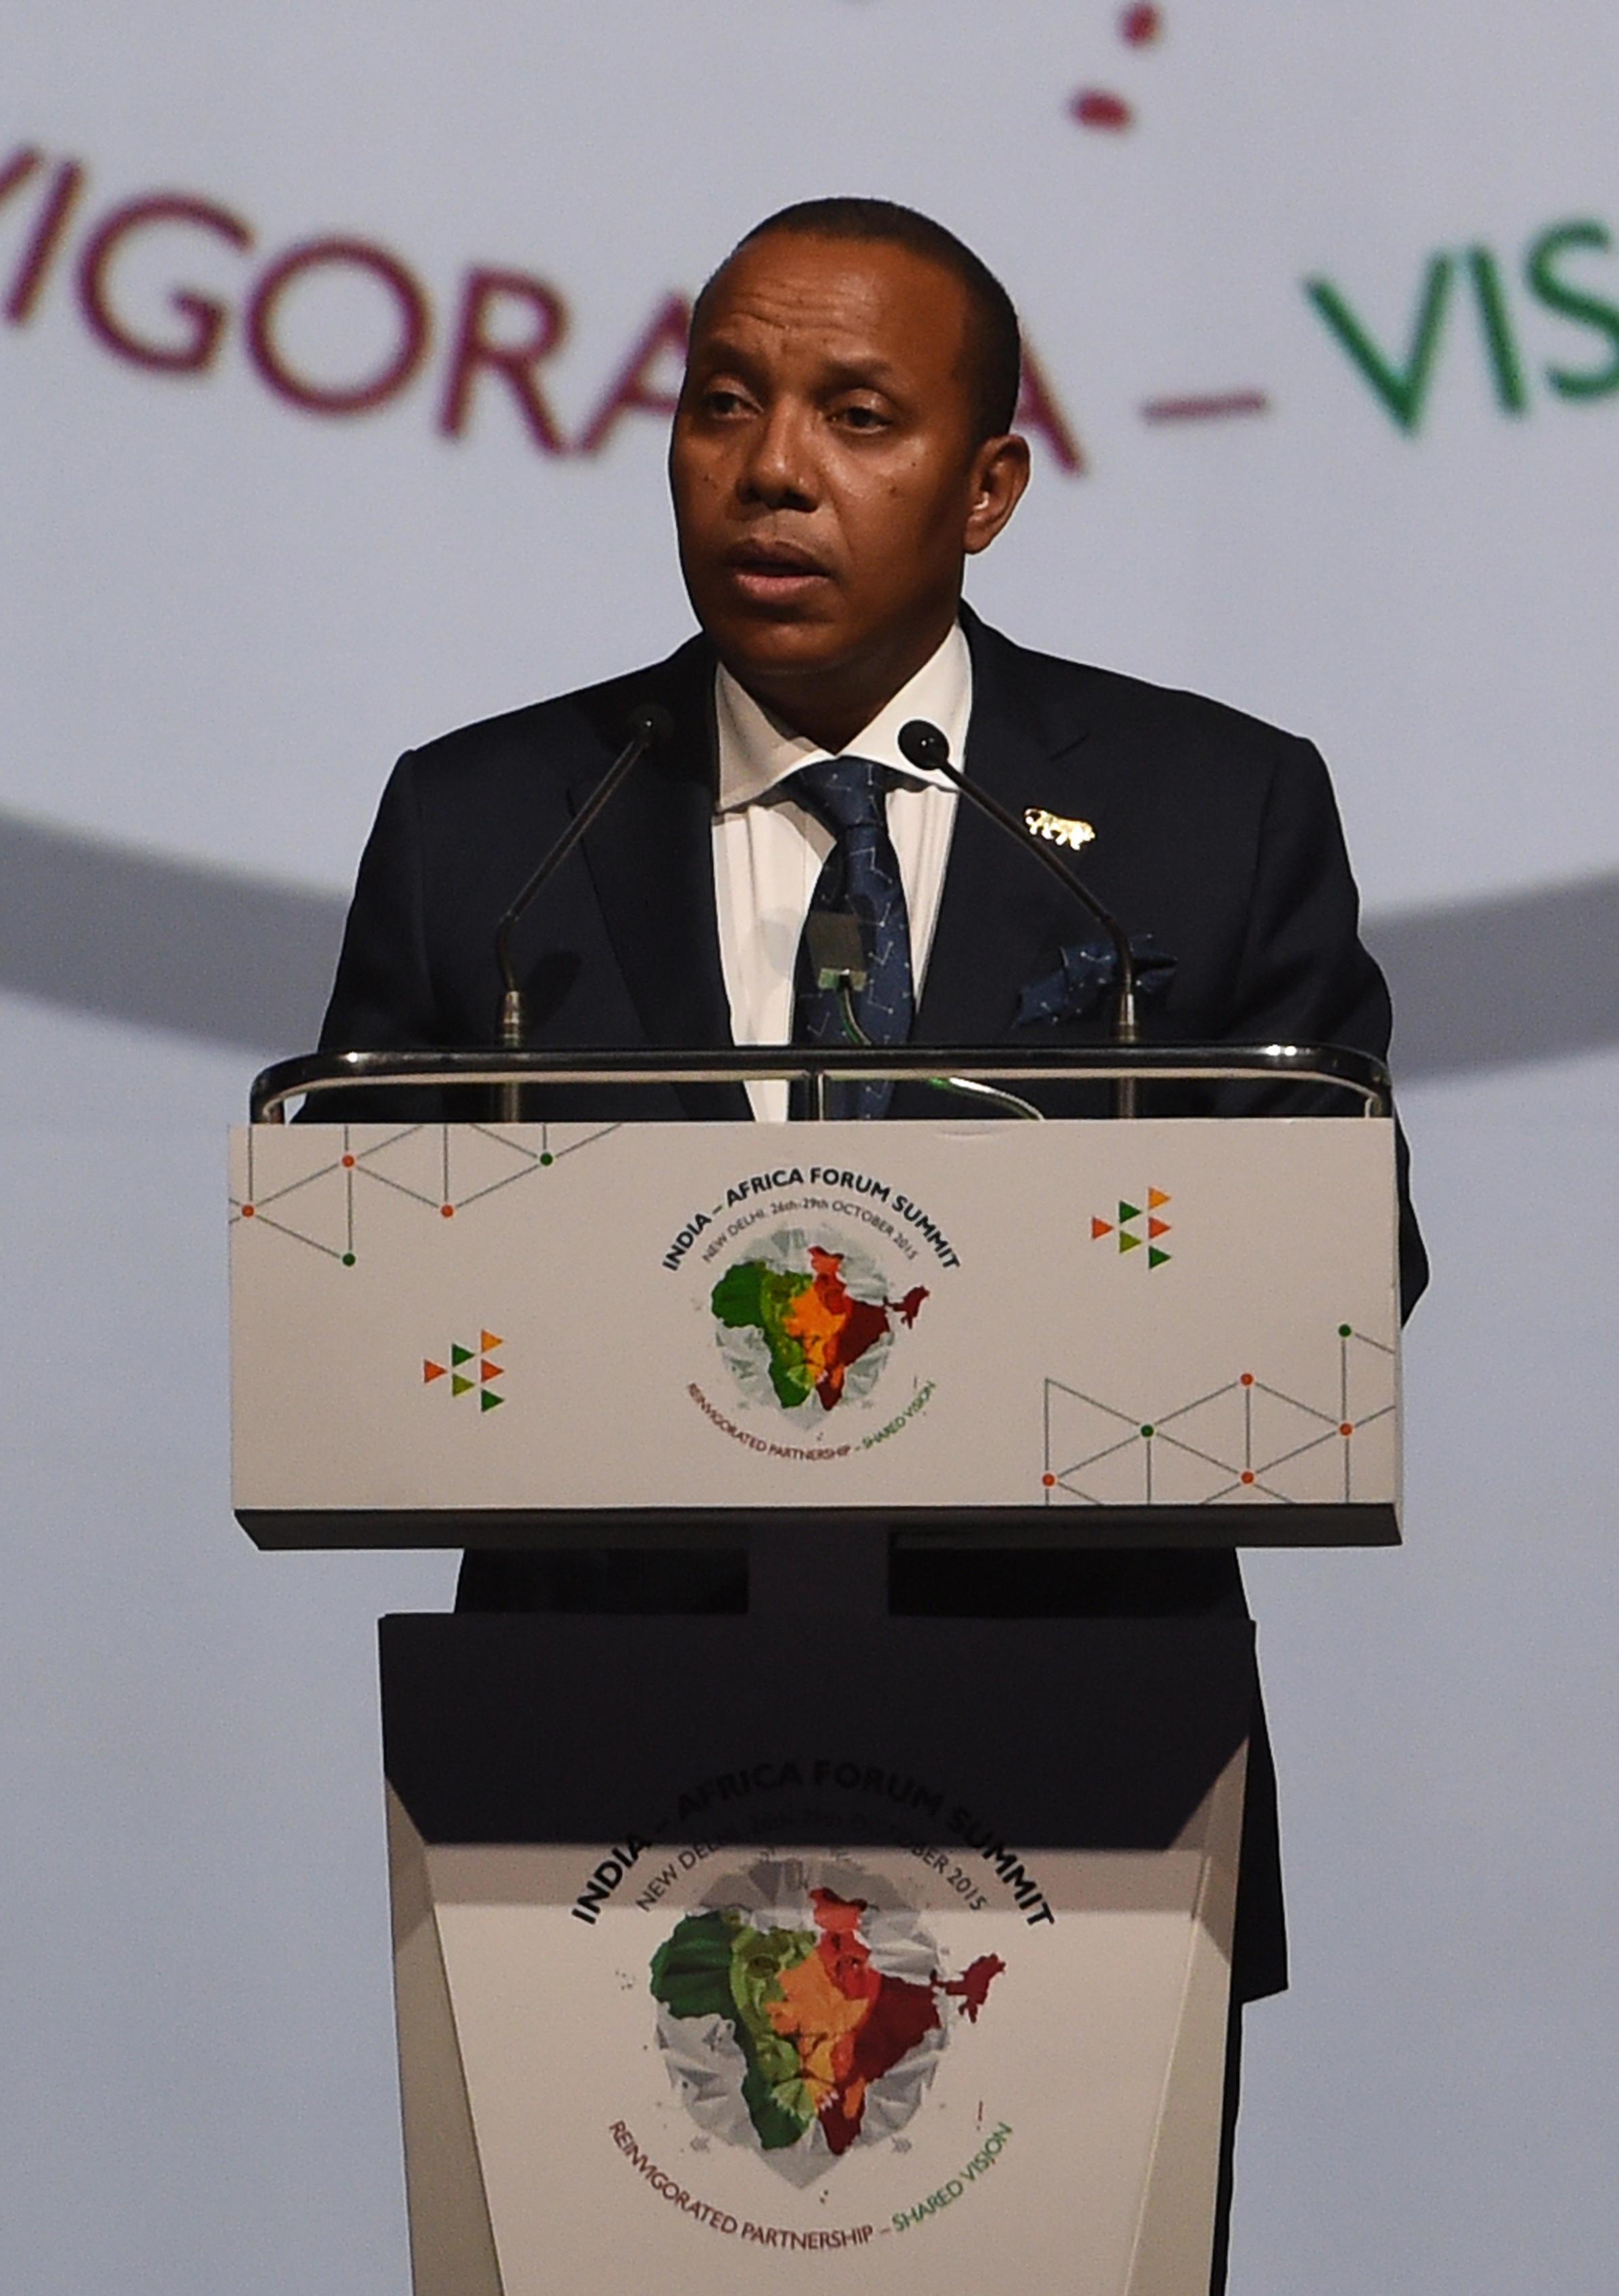 Patrice Trovoada, Primeiro-ministro de São Tomé e Príncipe.